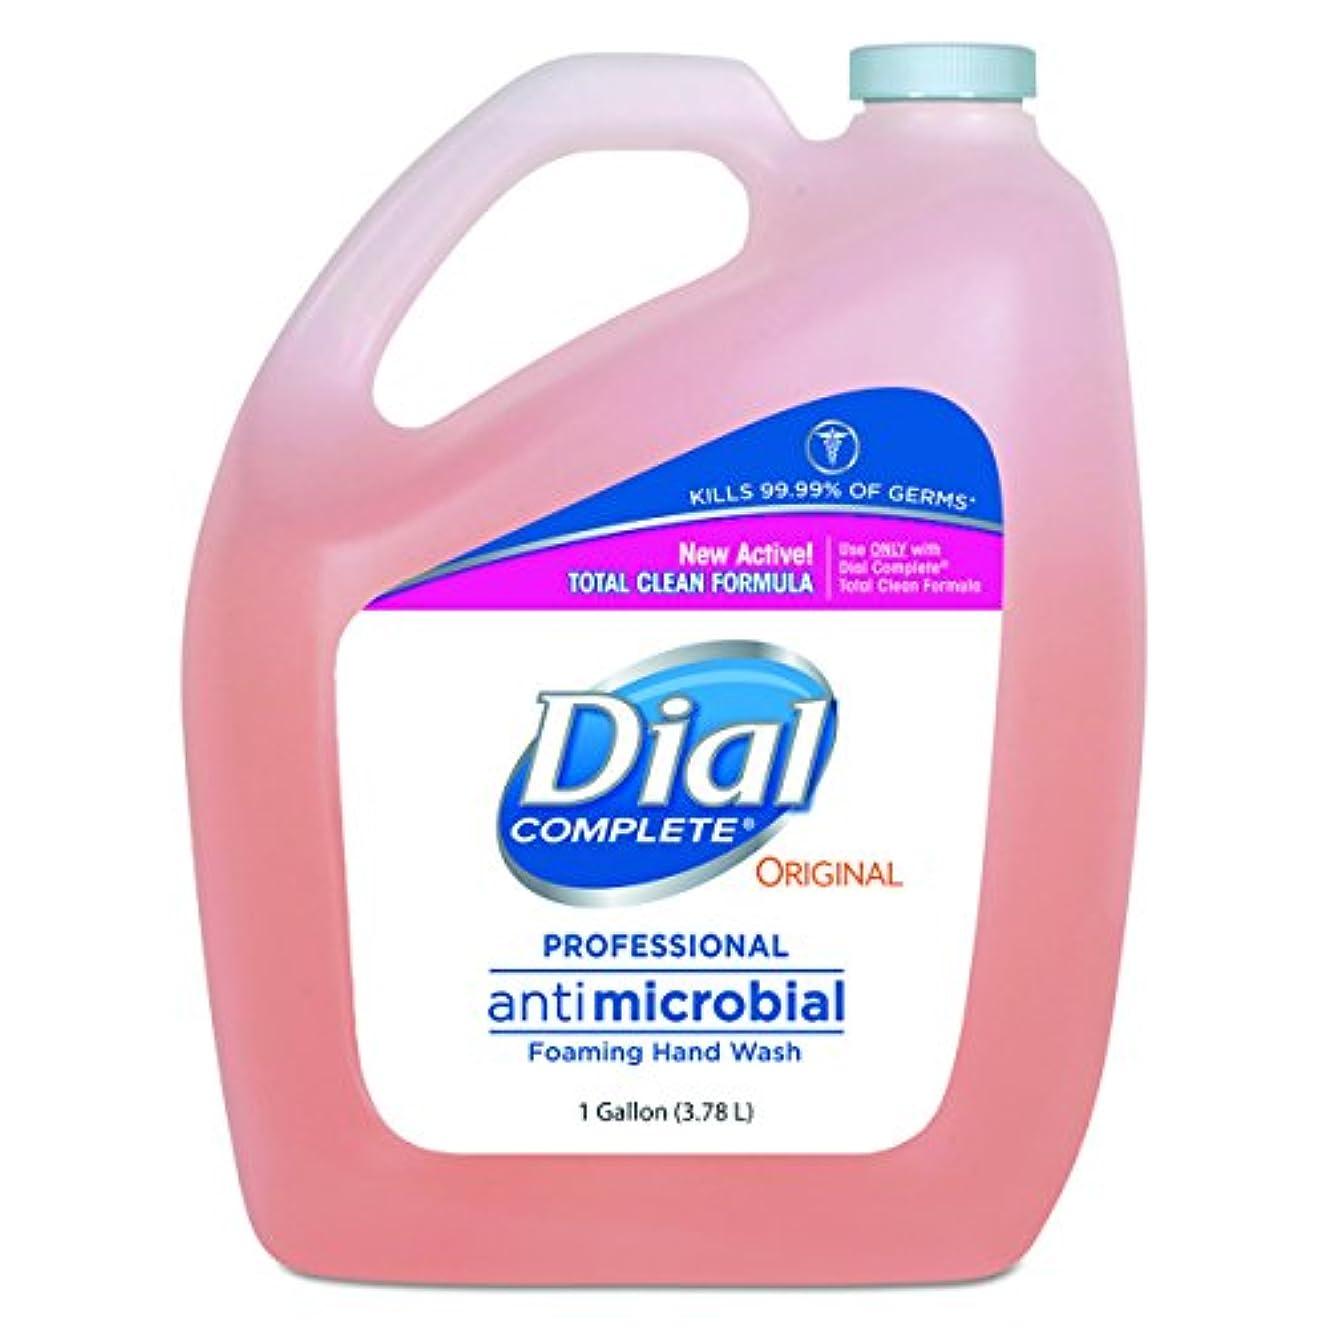 母音隠発揮するダイヤルProfessional抗菌Foaming Hand Soap、元香り, 1 gal。、4 /カートン